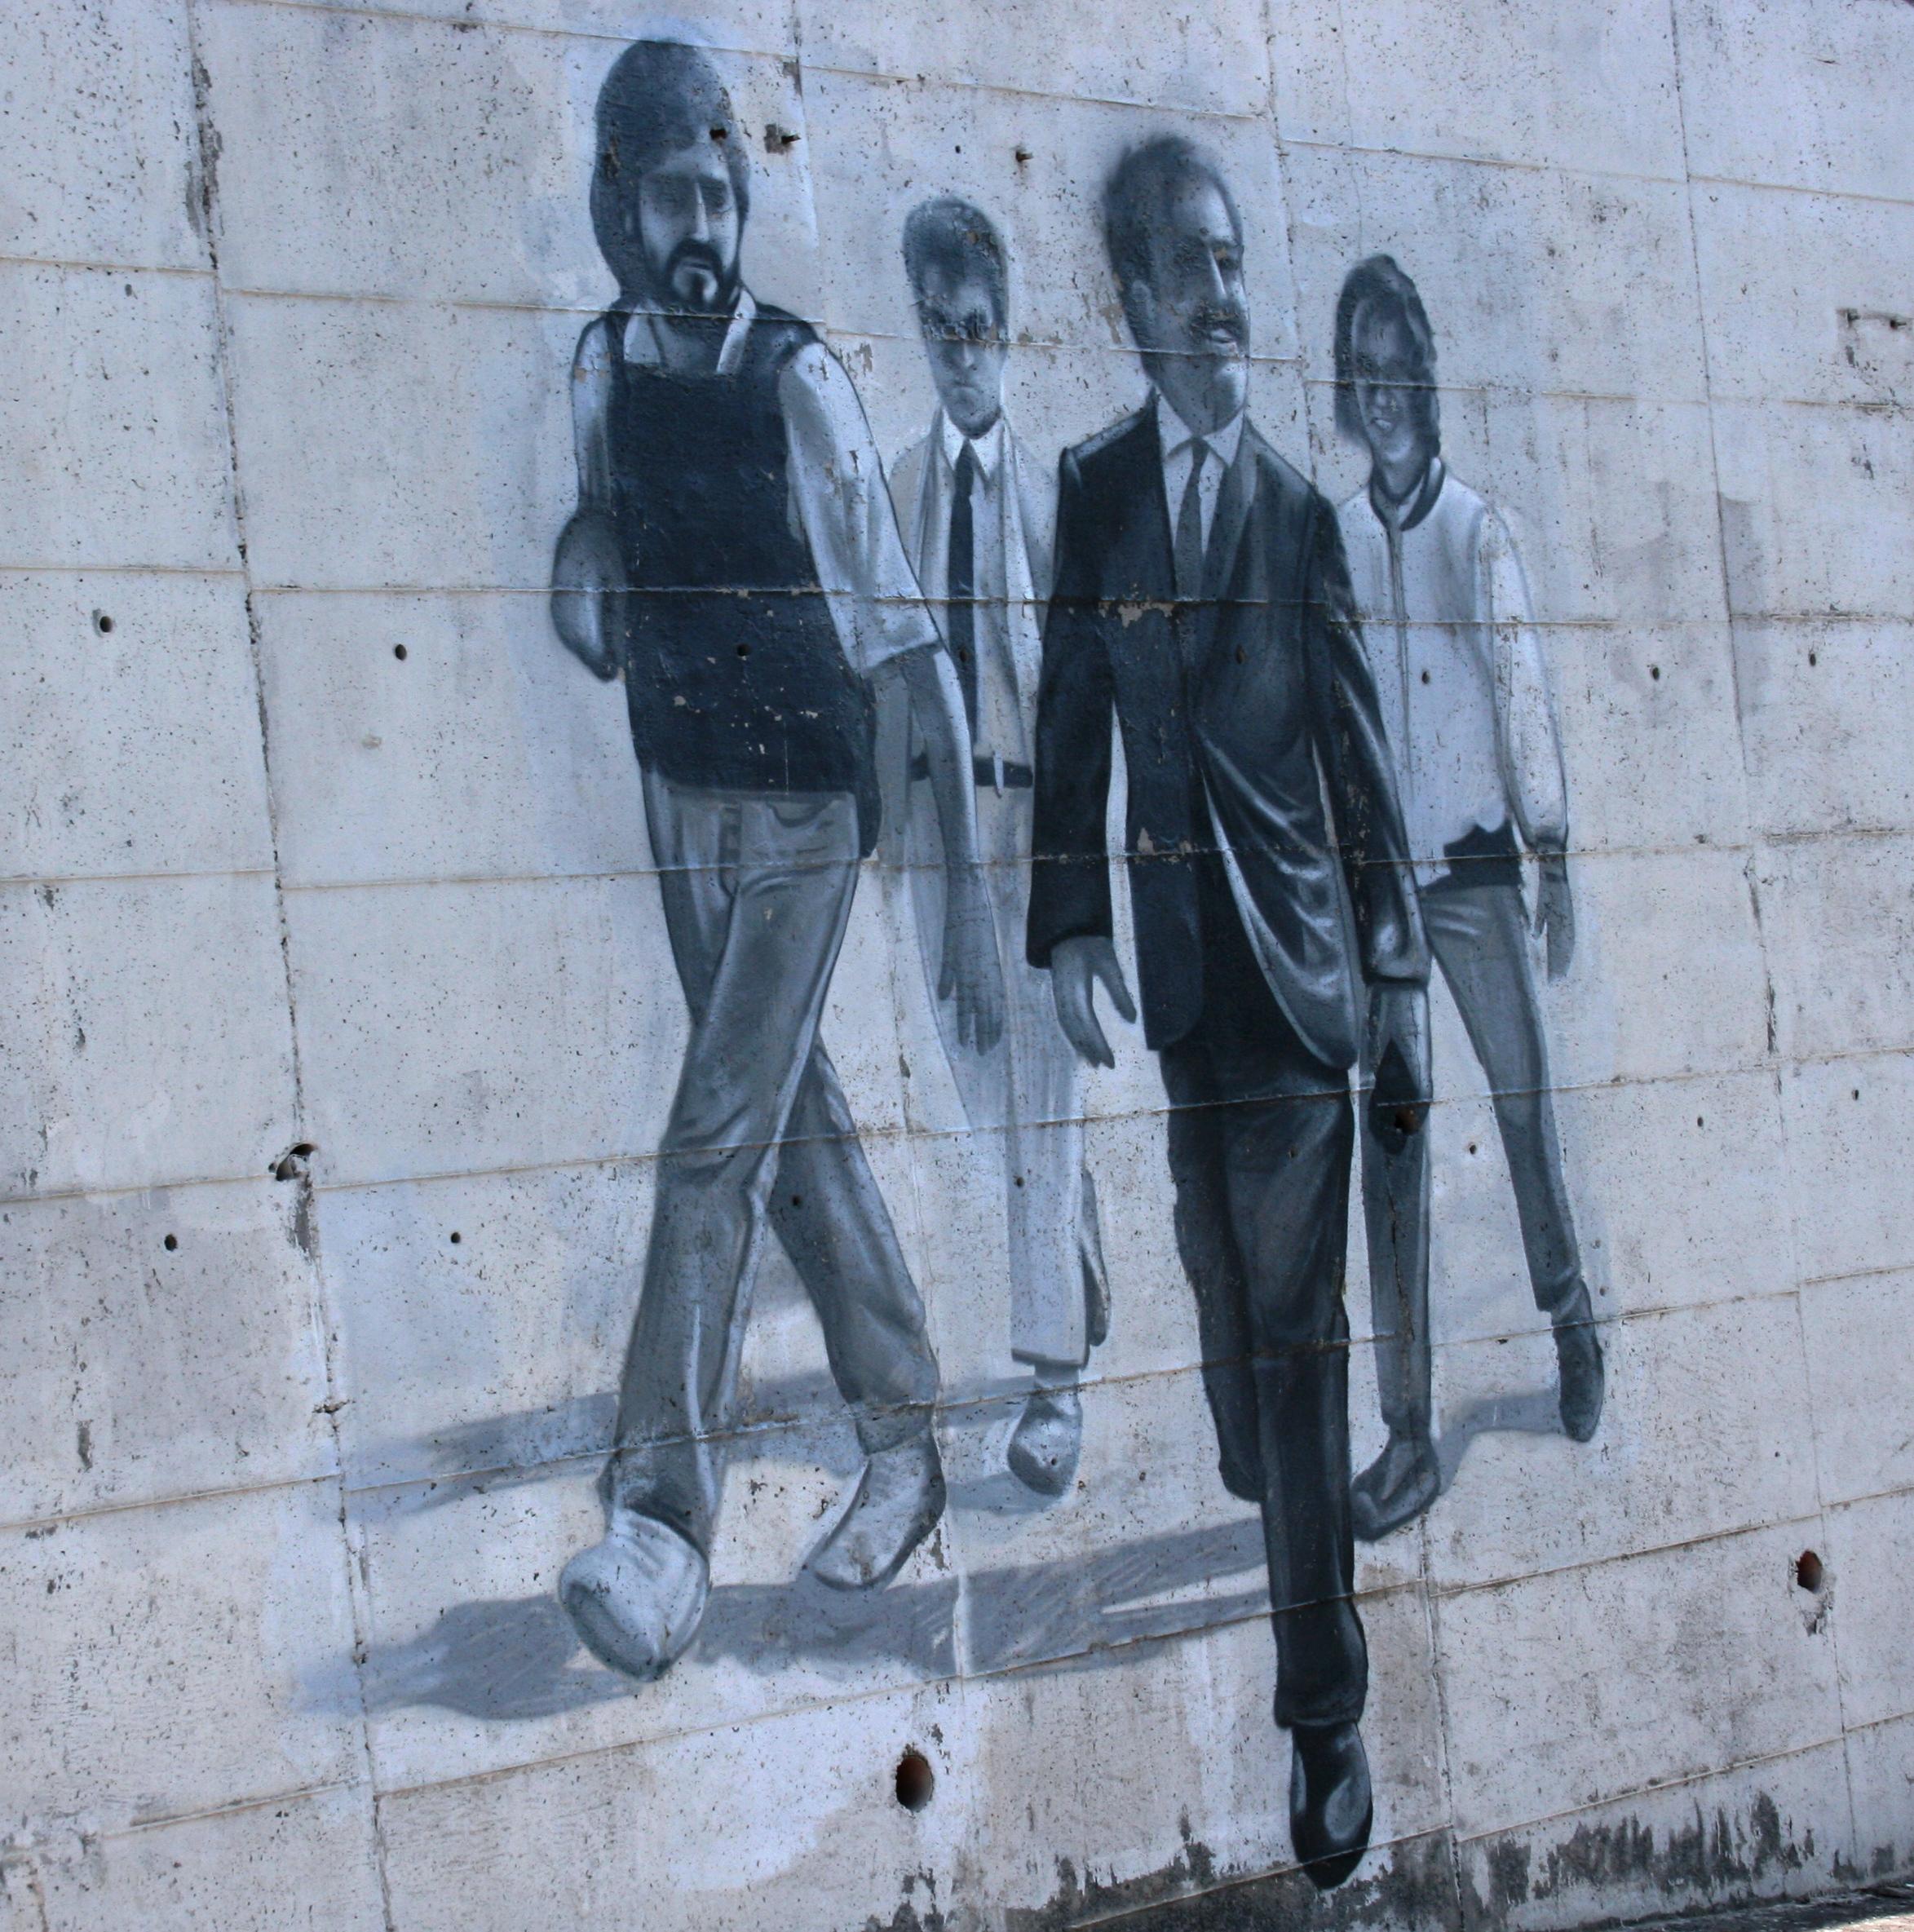 murales dedicato a Giovanni Falcone